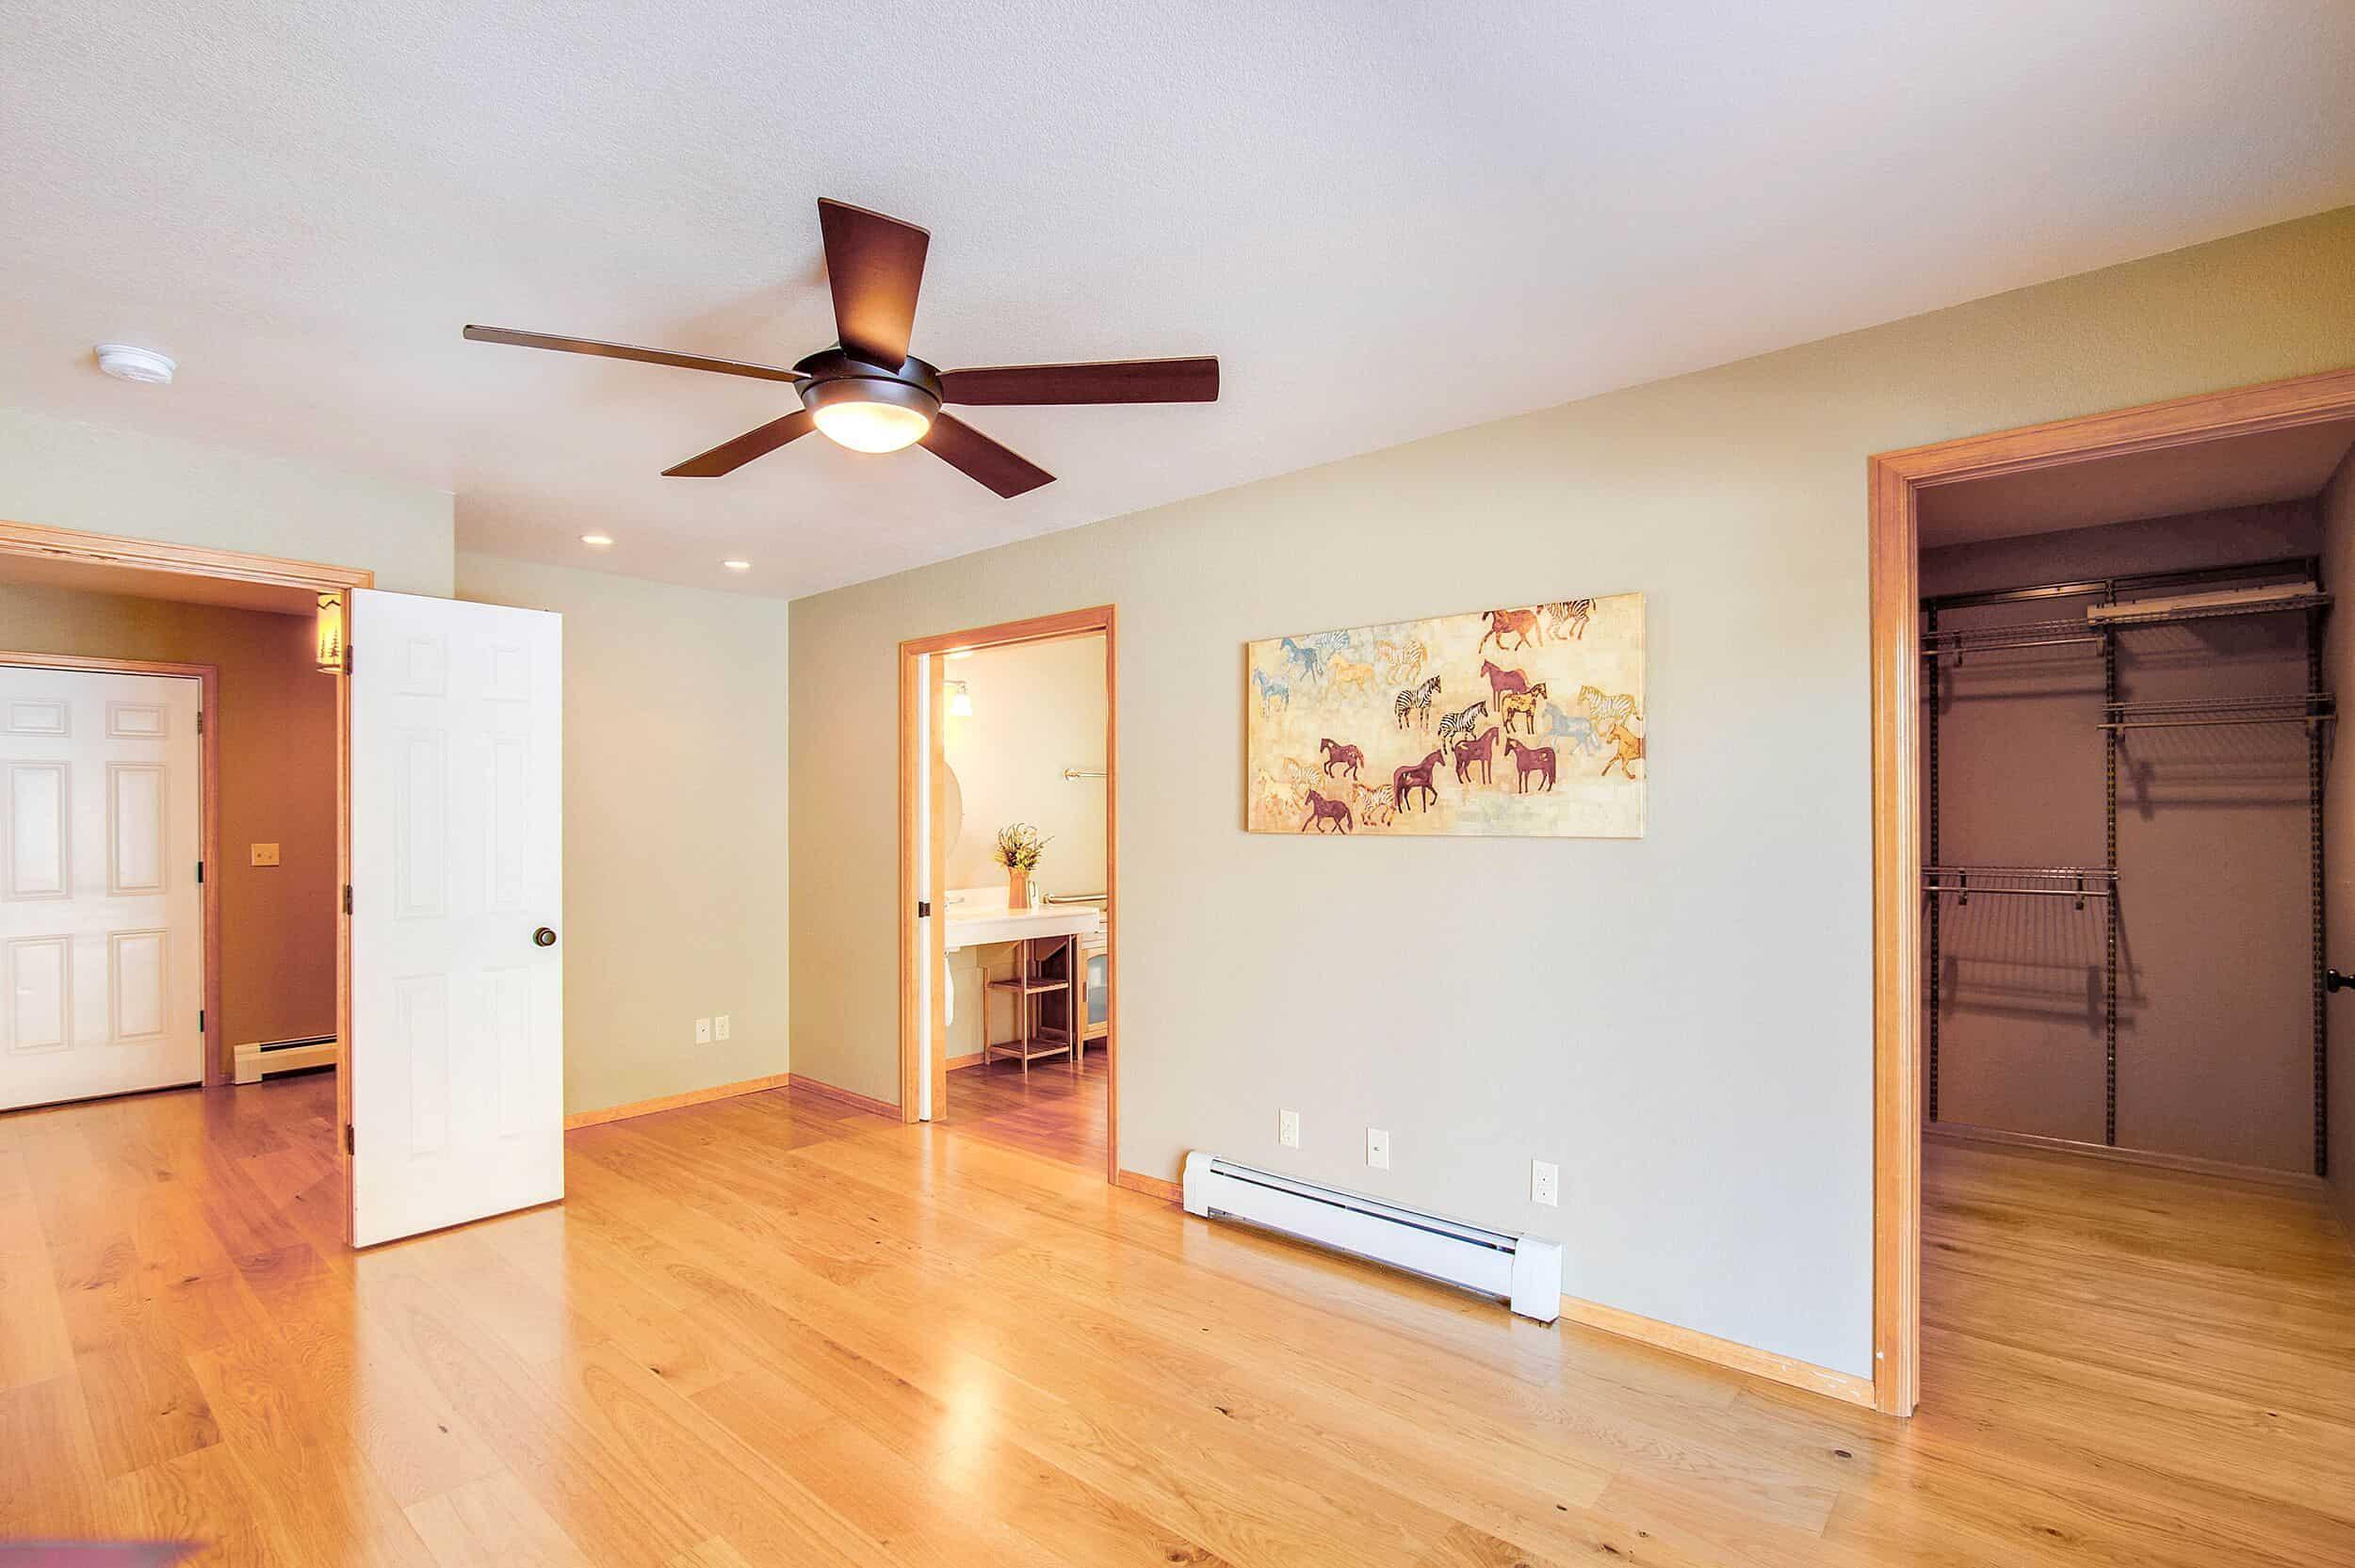 Master Bedroom Suite with Walk-In Closet